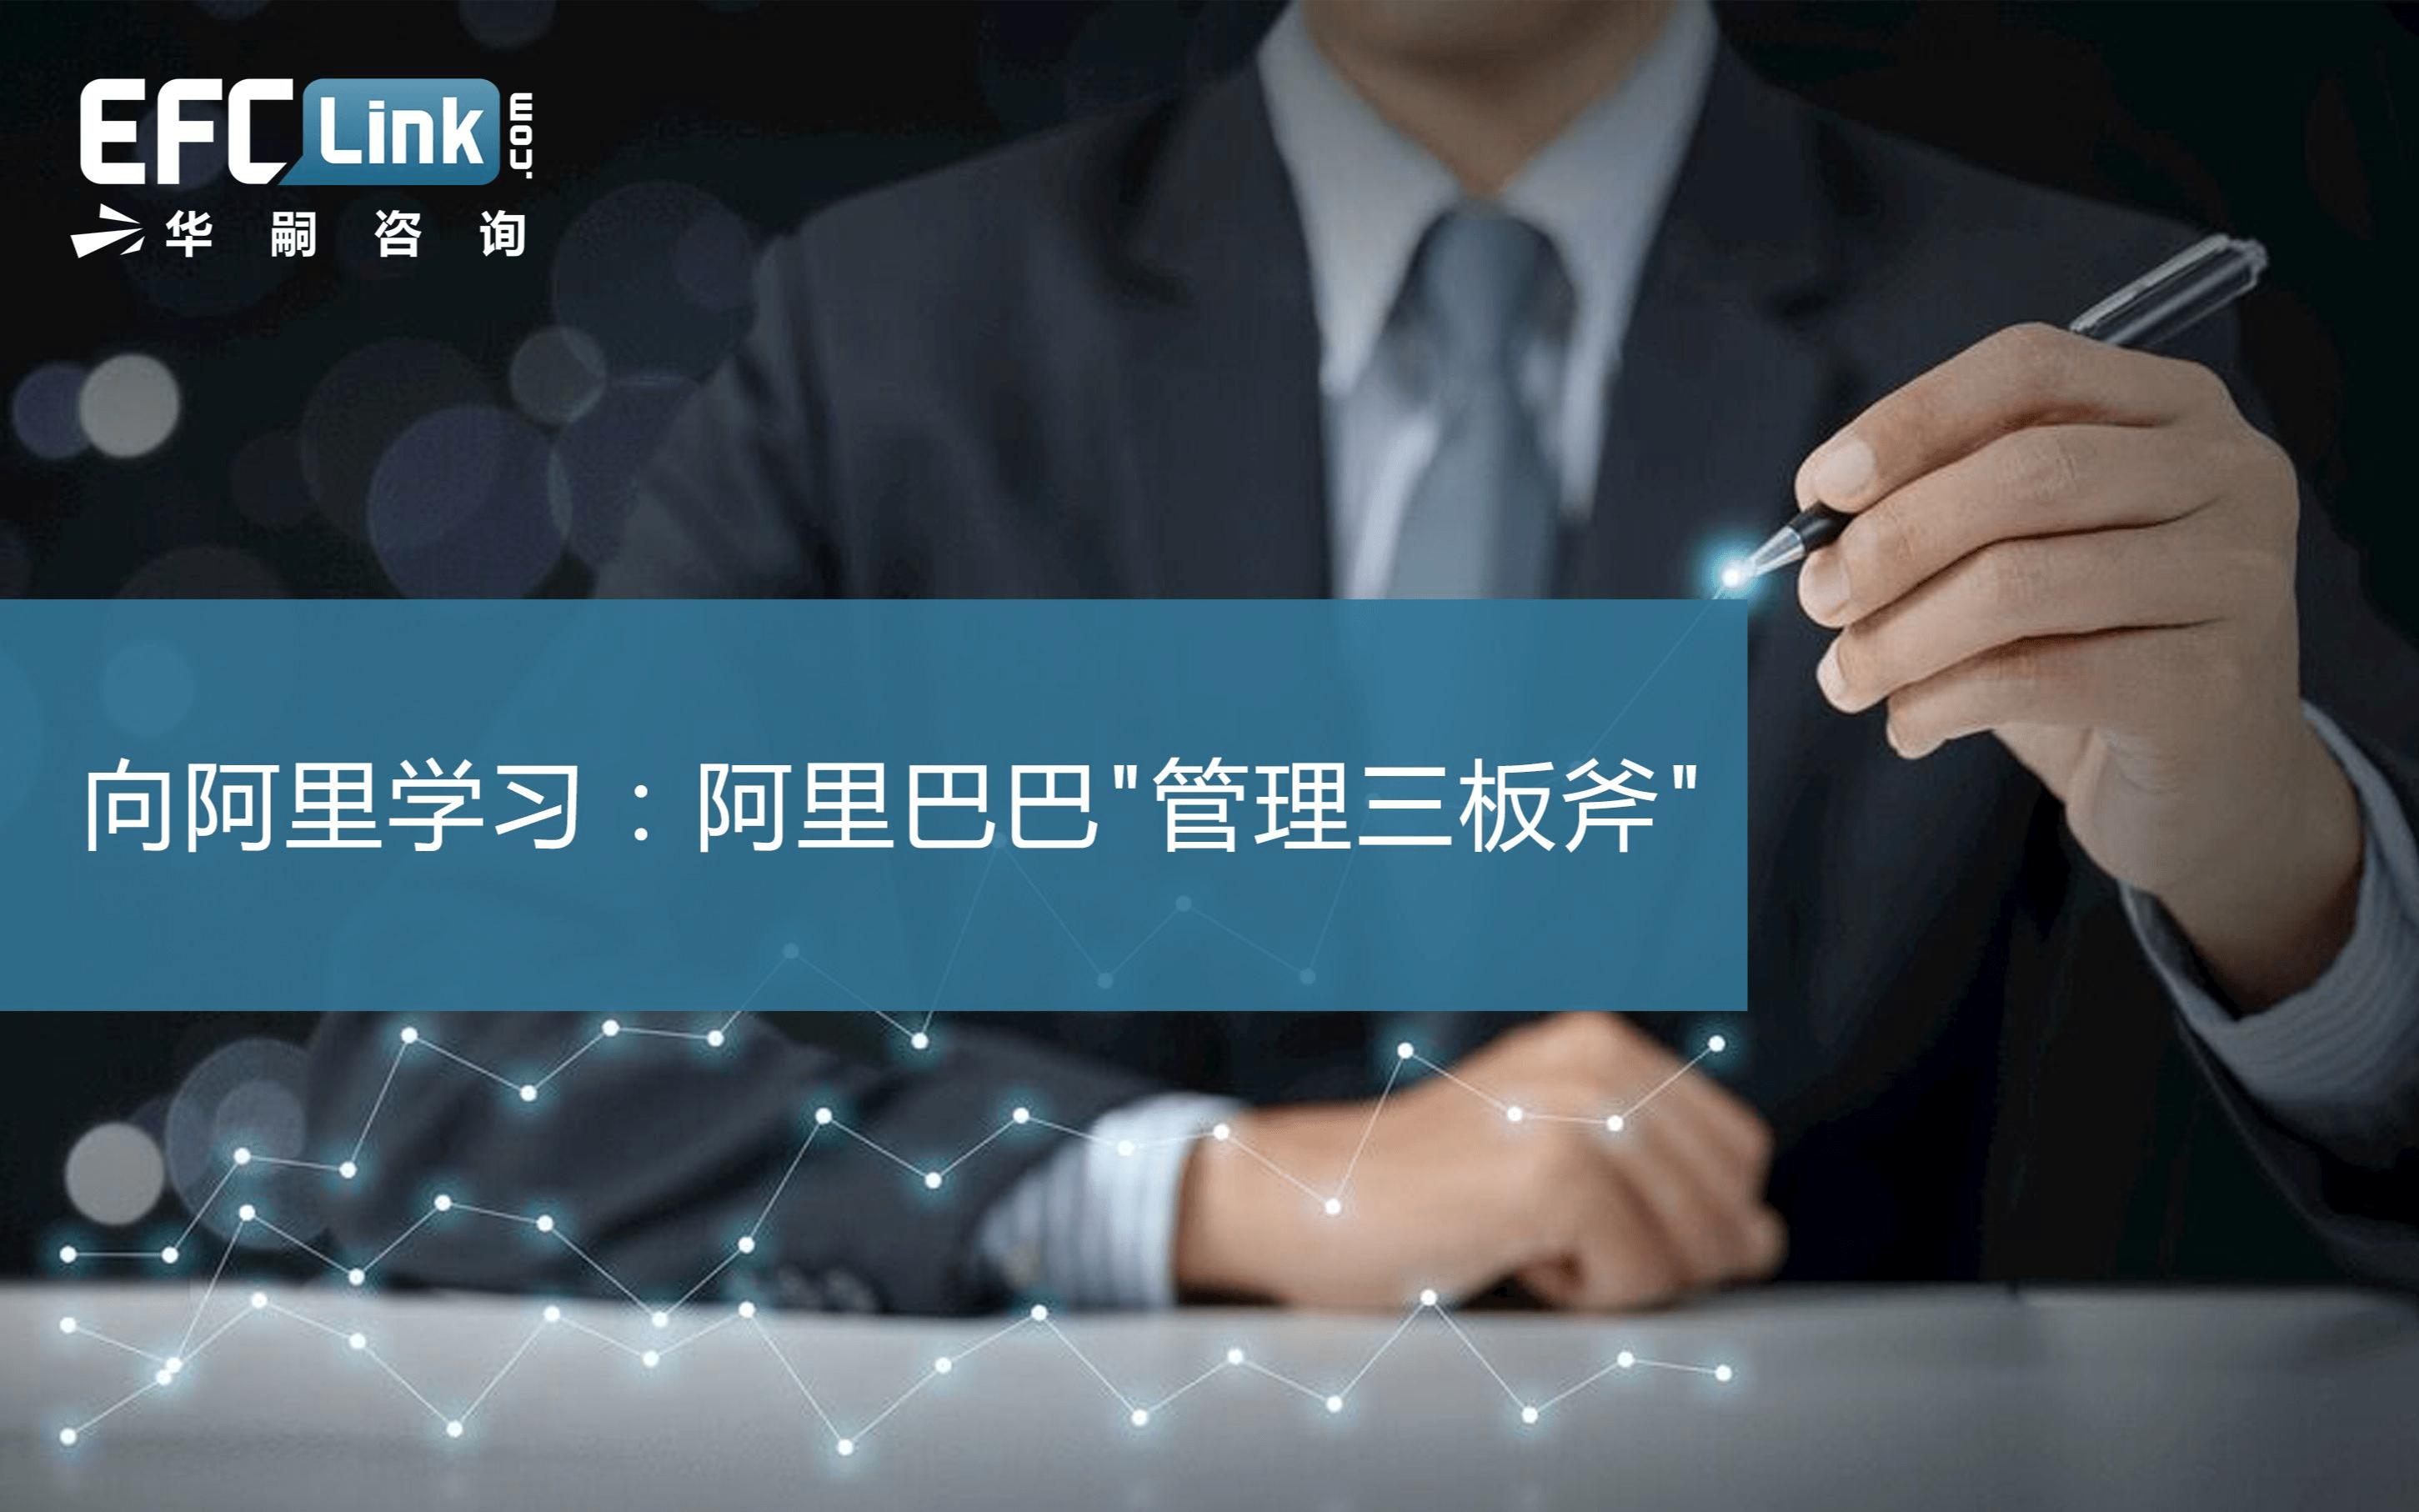 """2020向阿里学习:阿里巴巴""""管理三板斧""""(深圳-2月28日)"""